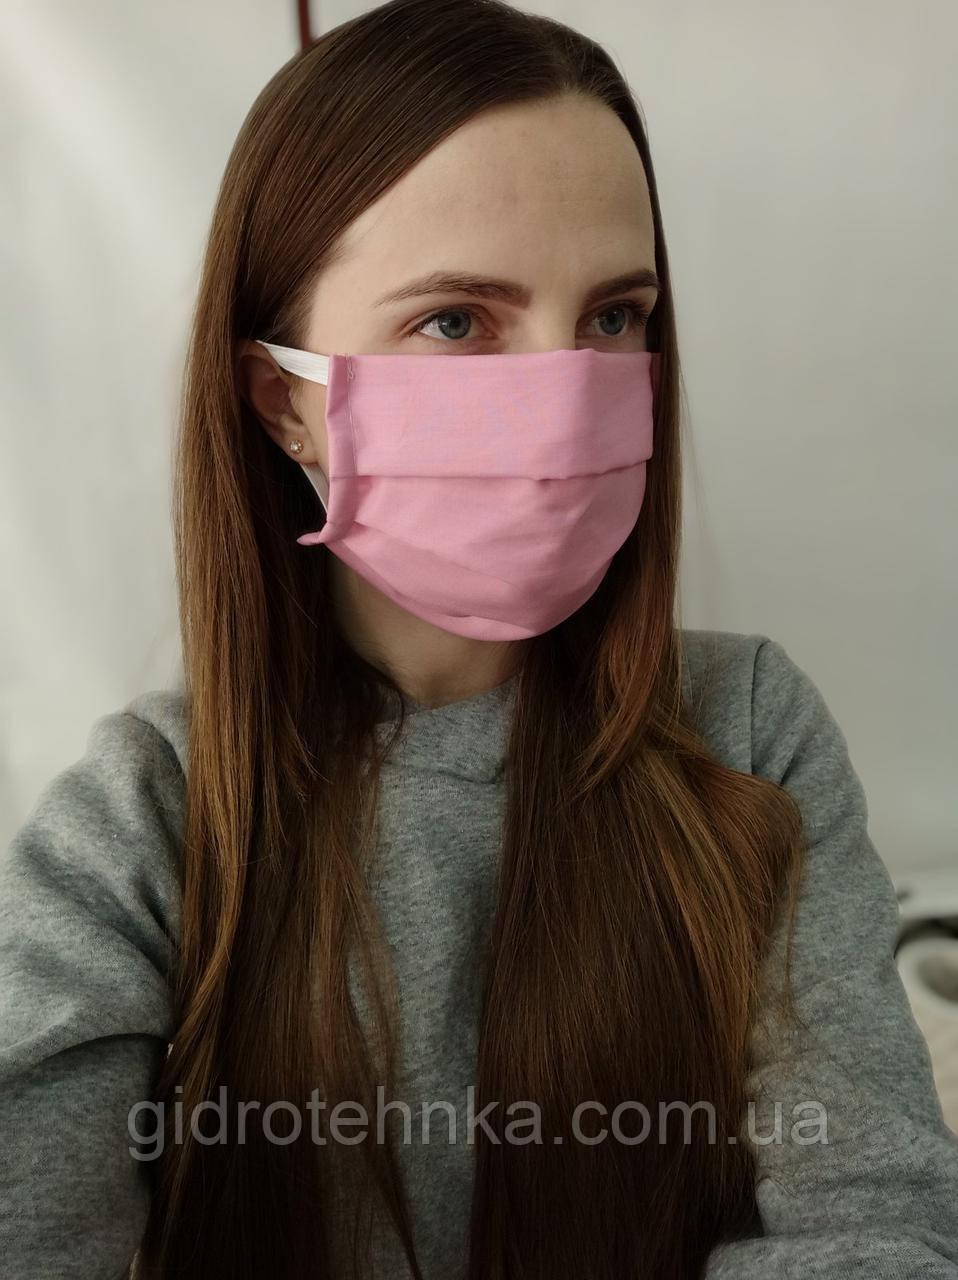 Защитная маска из бязи (мин.заказ 100 шт.)